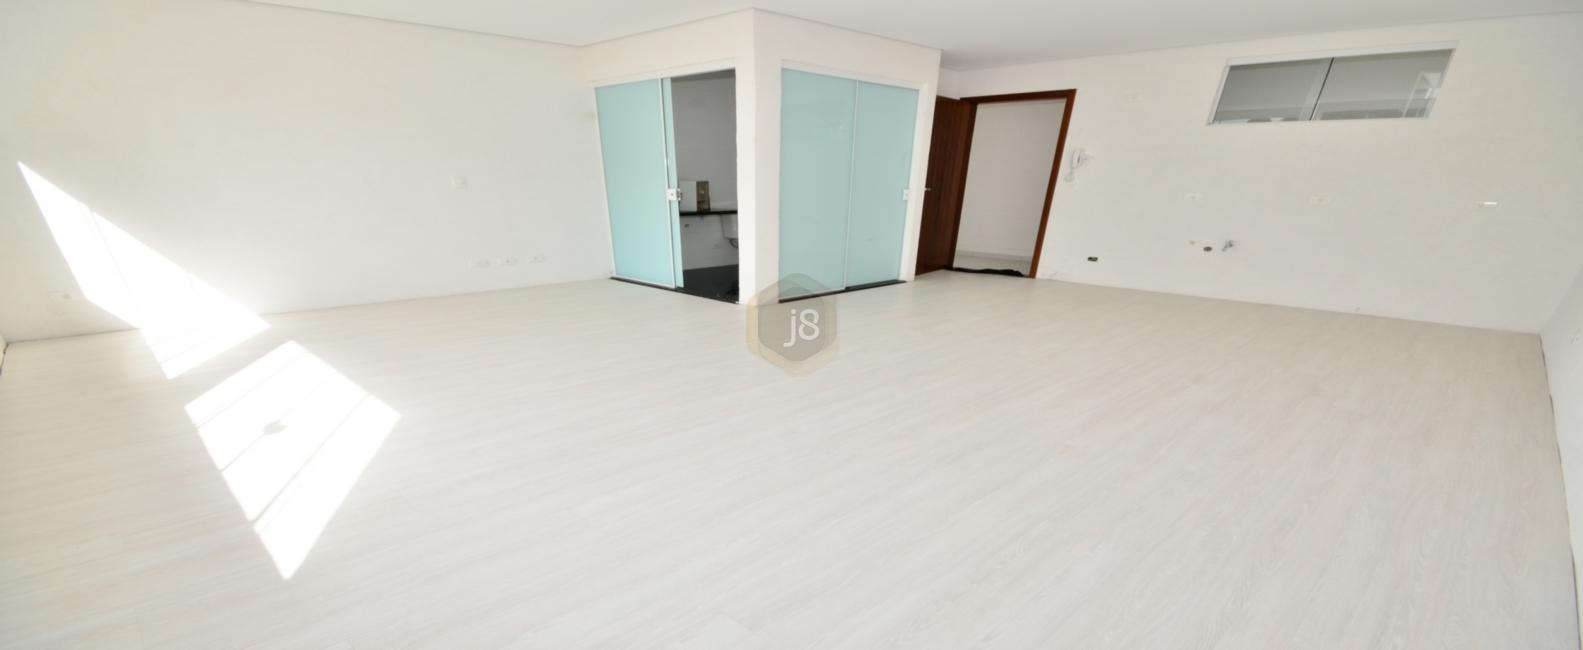 Apartamentos de 1 dormitório à venda em São Francisco, Curitiba - PR